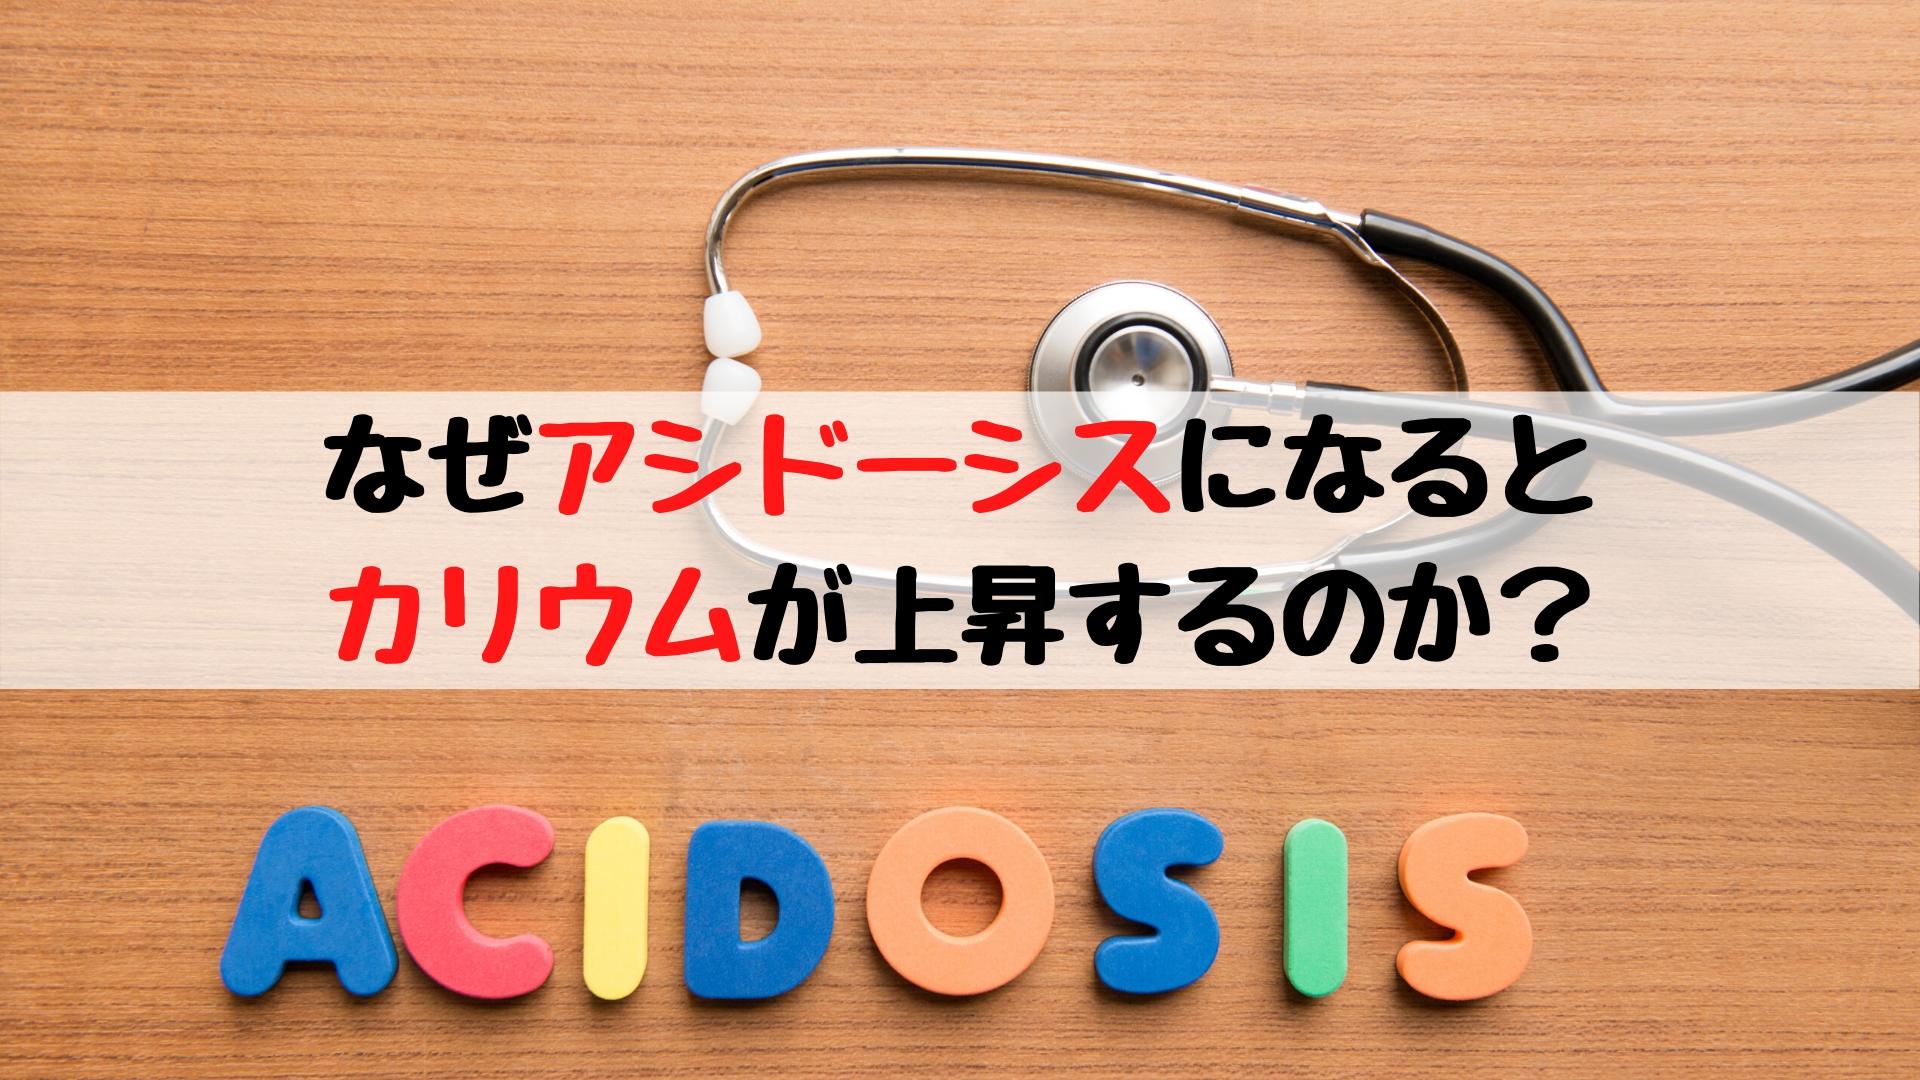 アシドーシス 下痢